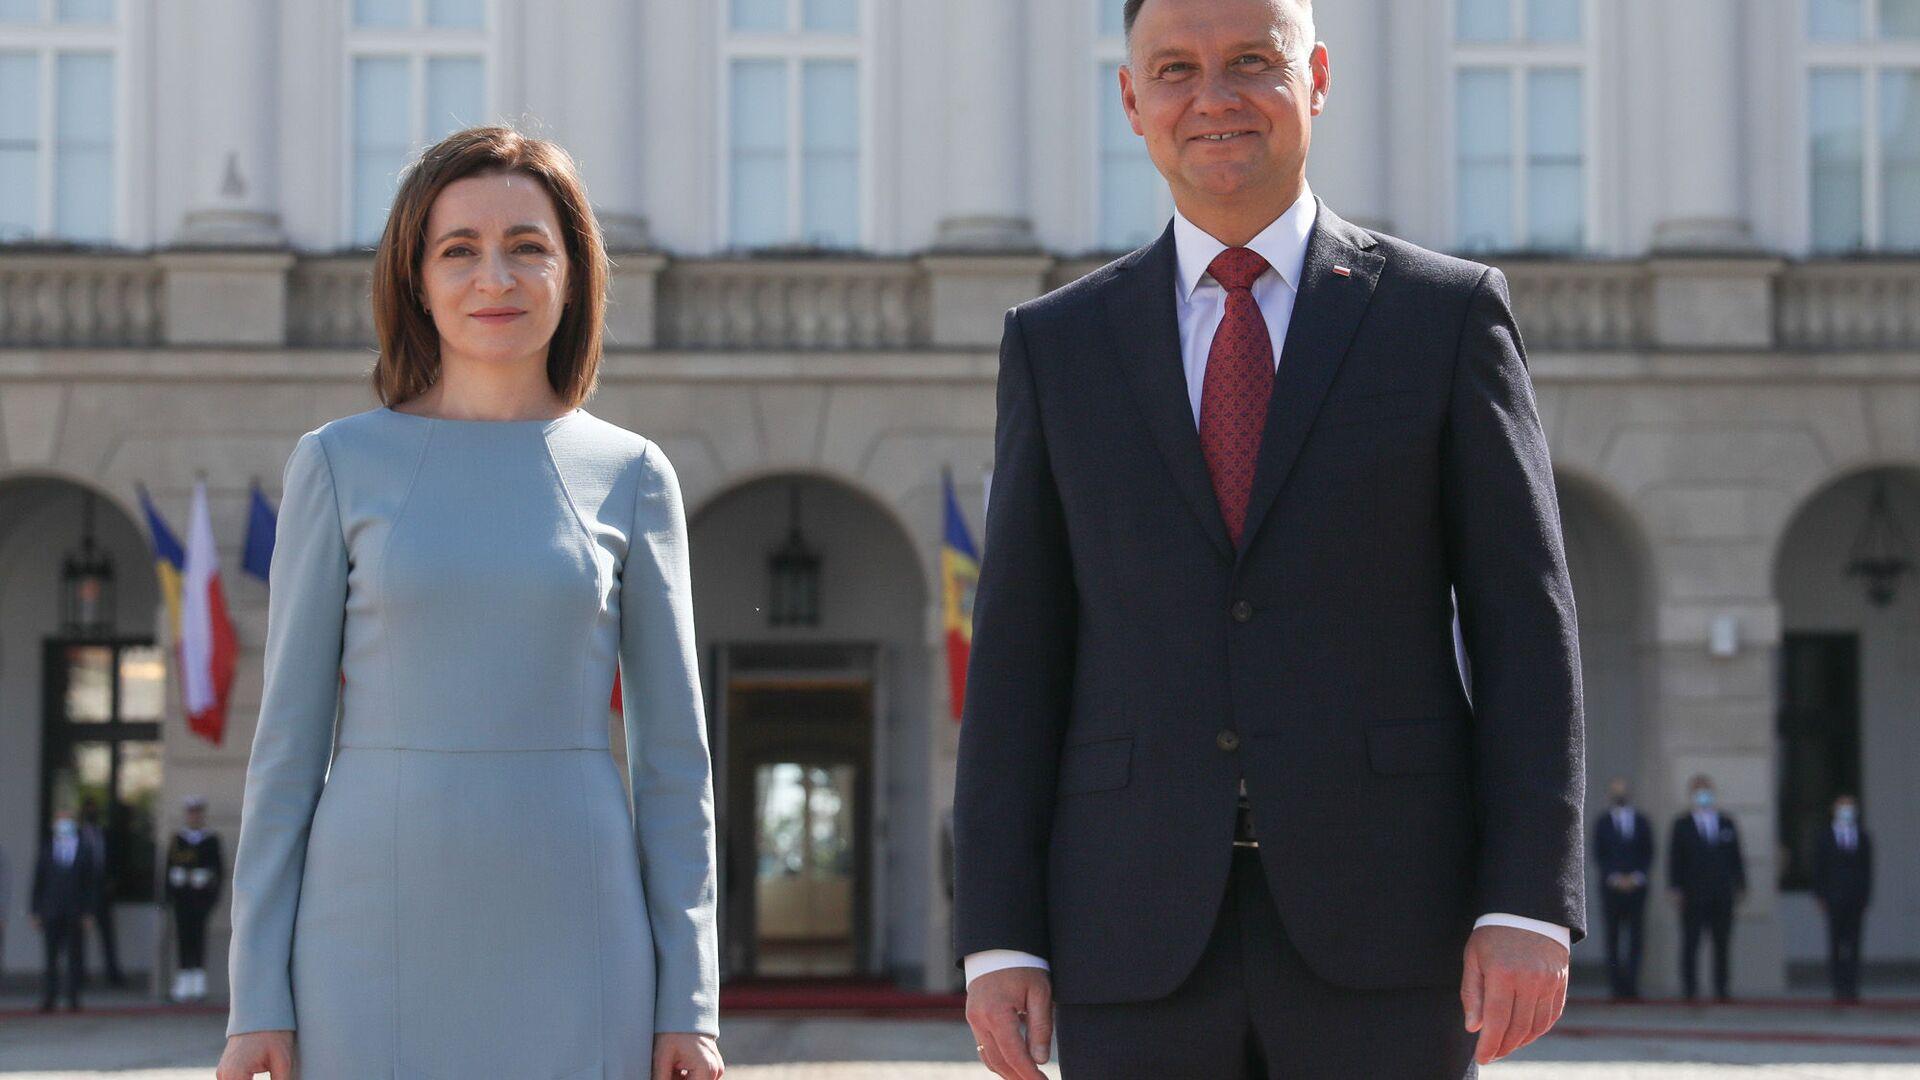 Prezydent Polski Andrzej Duda i prezydent Mołdawii Maia Sandu  - Sputnik Polska, 1920, 21.06.2021